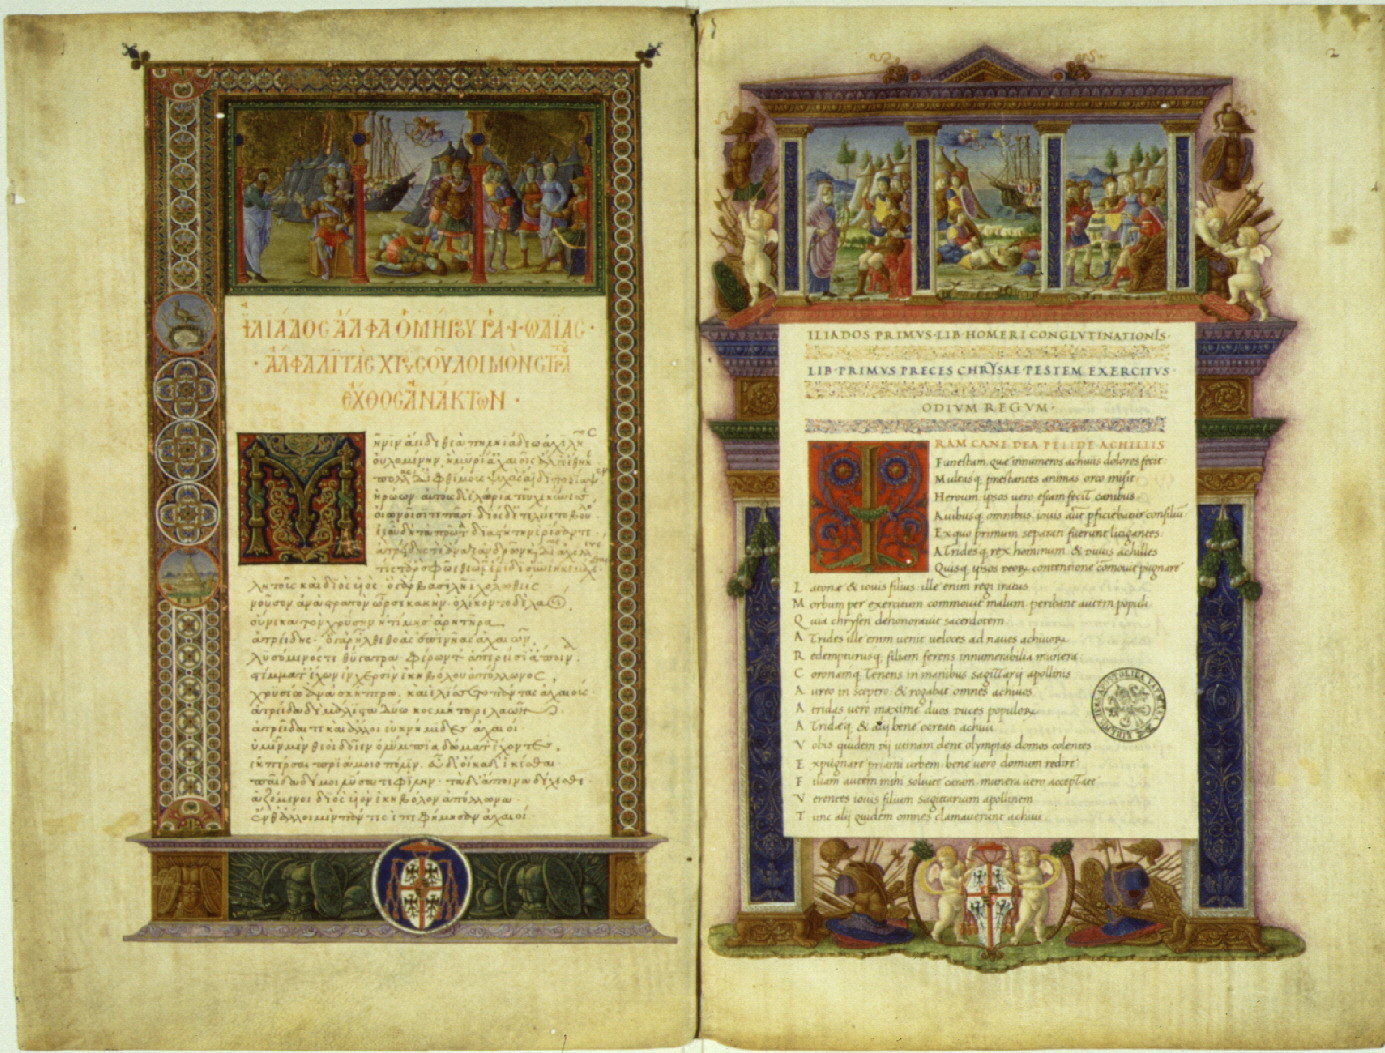 Iliad Latin 64